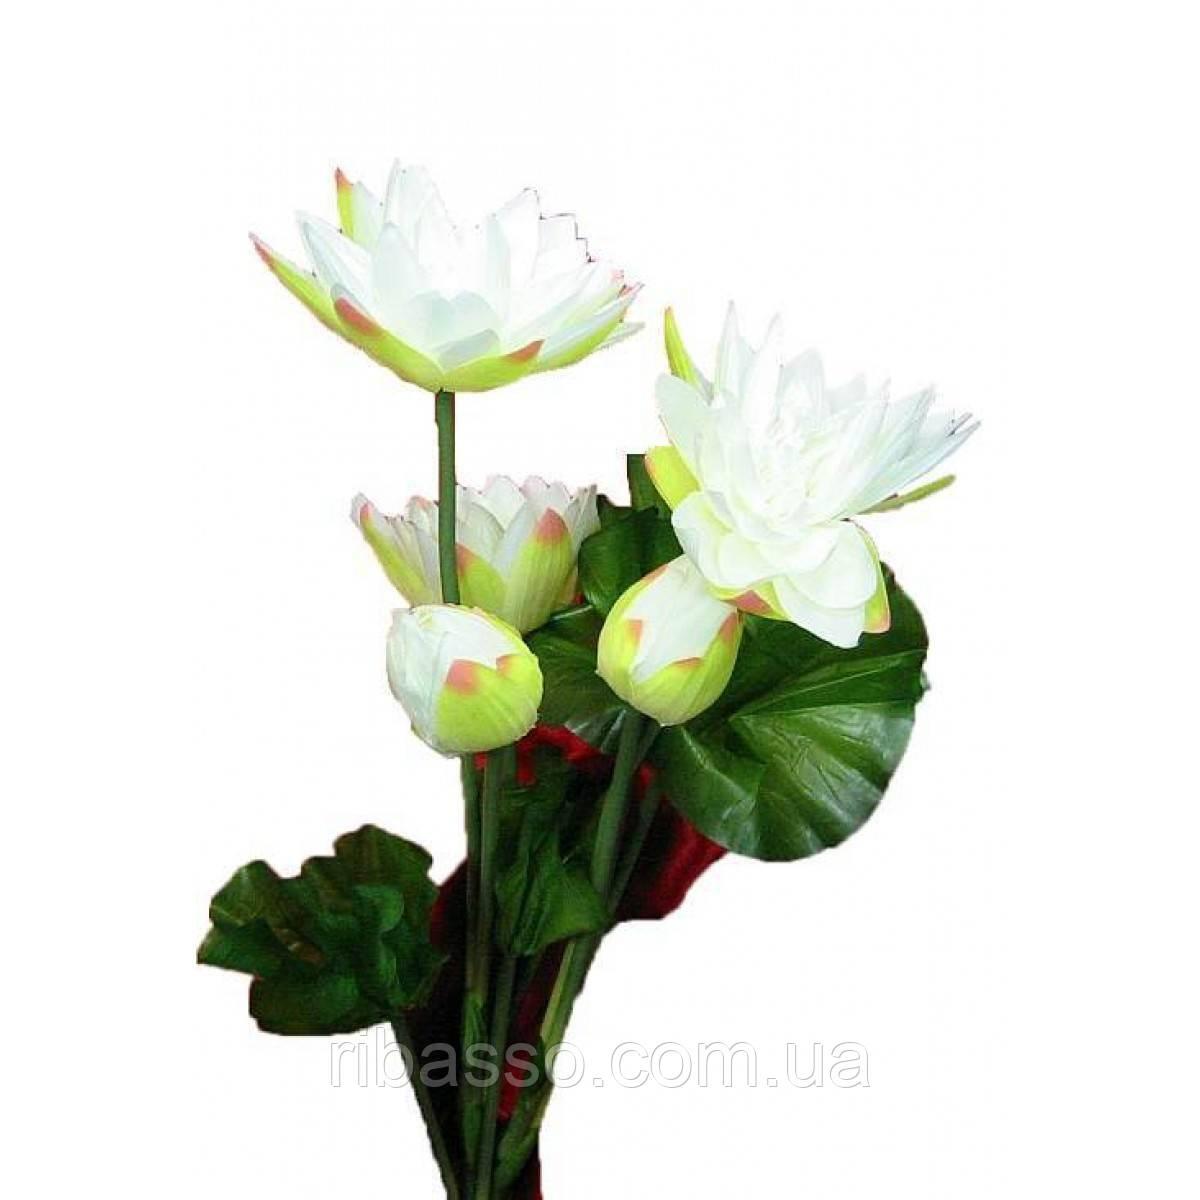 Цветы лотоса 1.3 м 22361